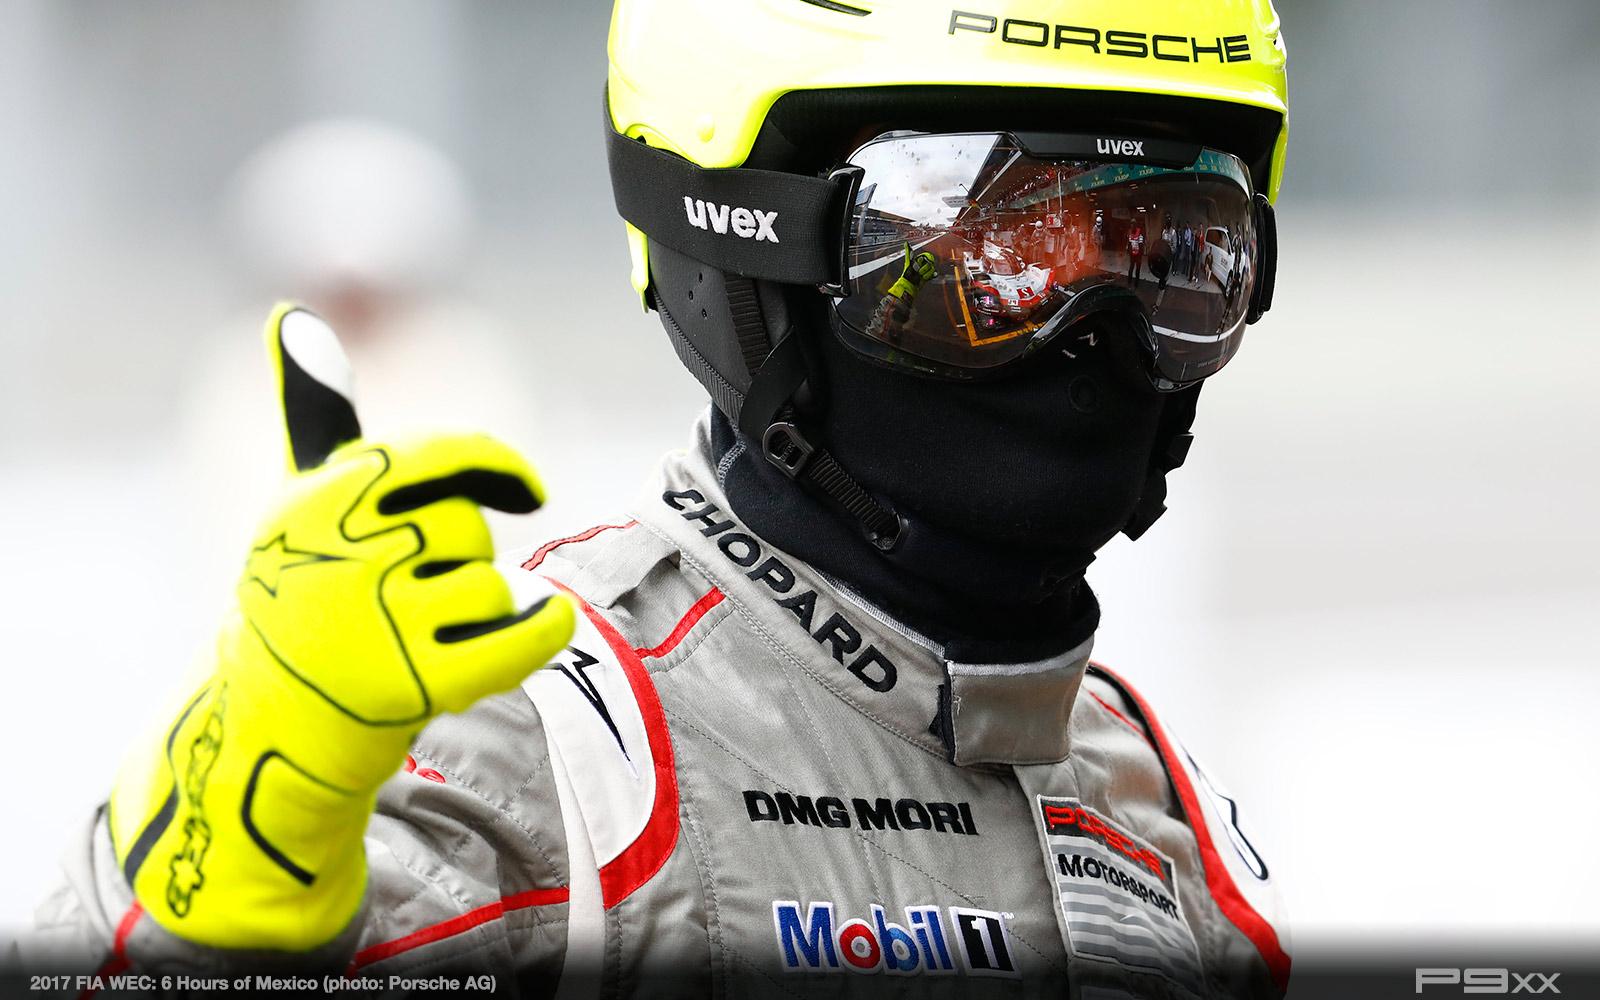 2017-FIA-WEC-6-HOURS-MEXICO-PORSCHE-1301